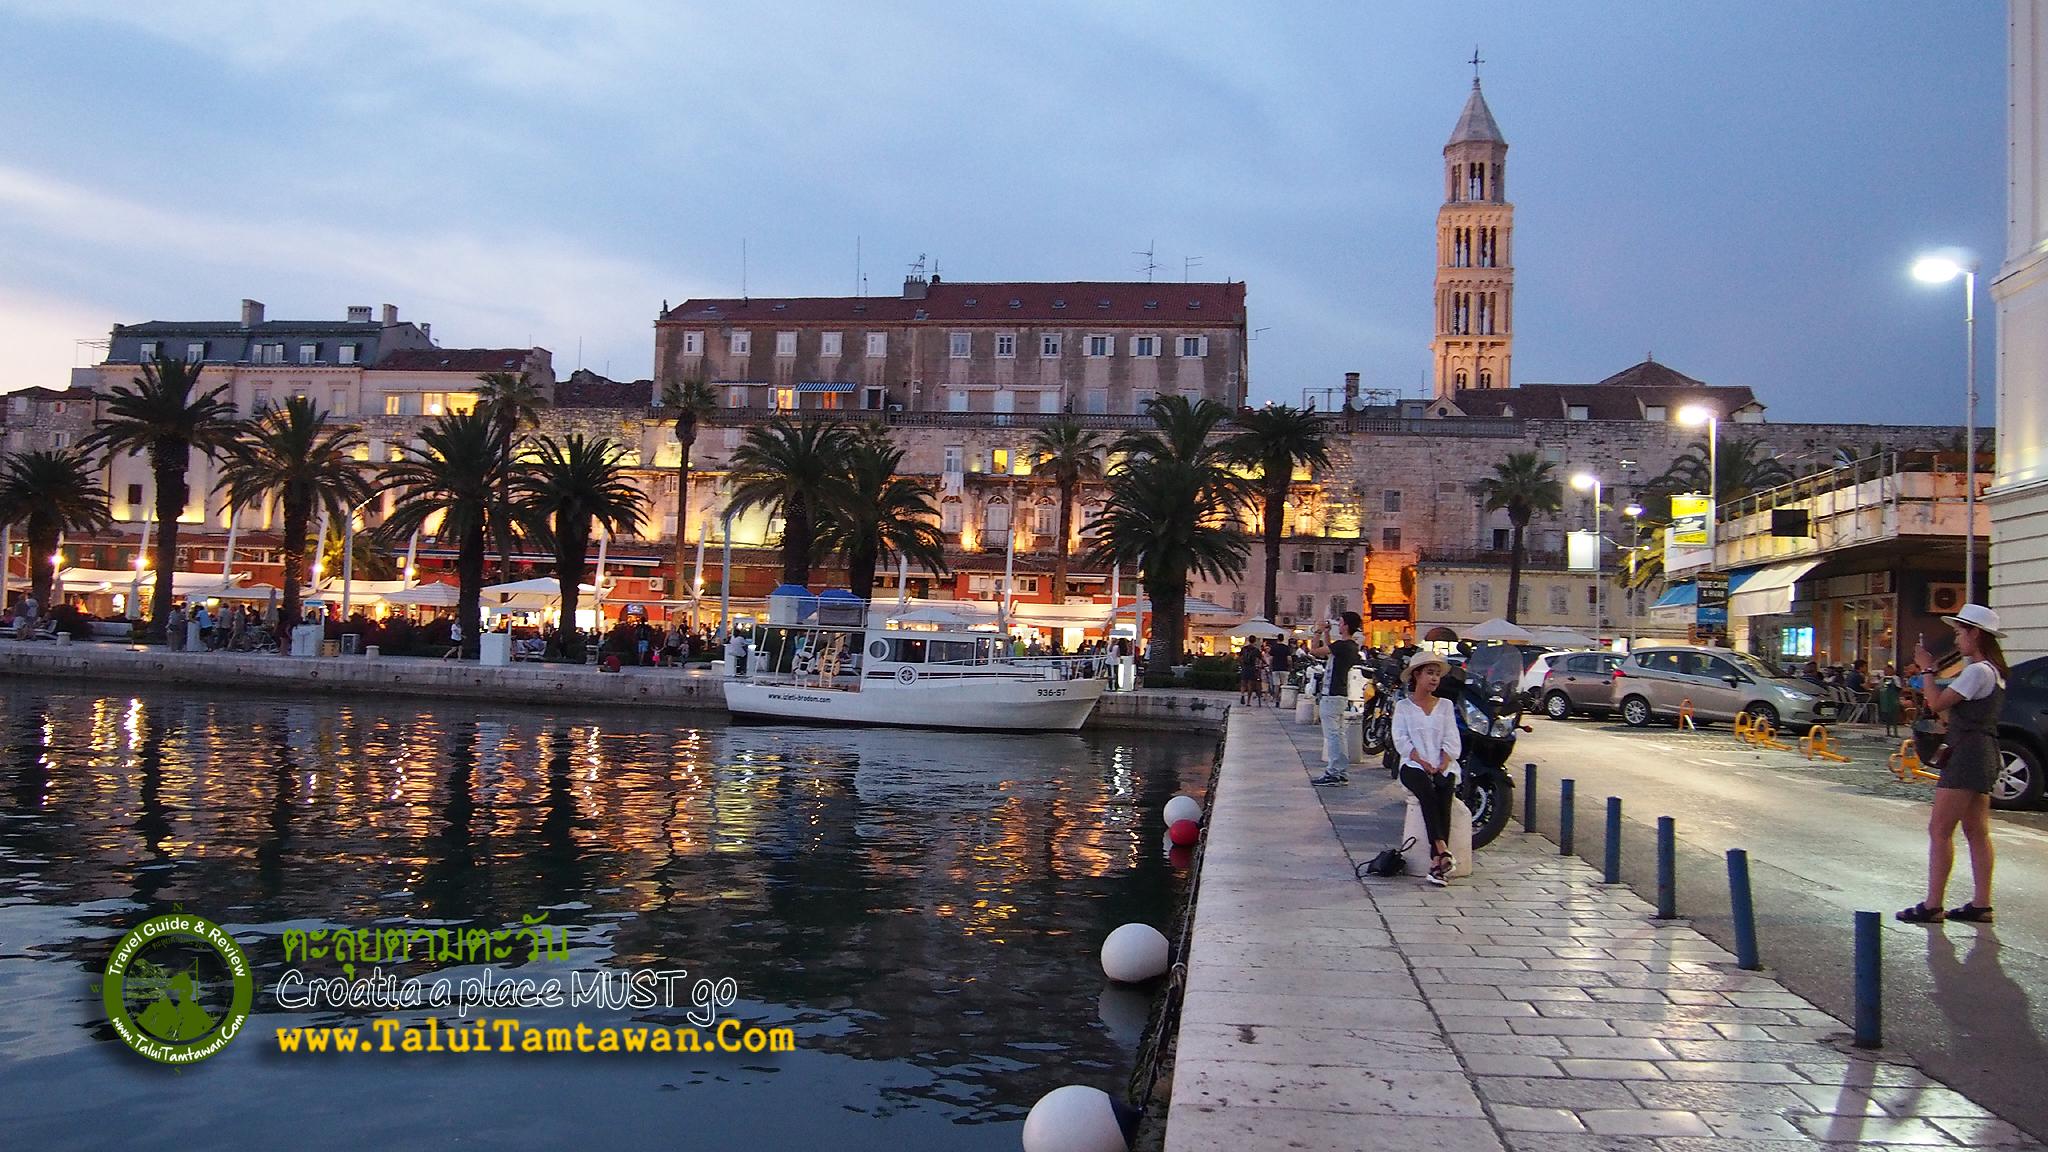 Split is one of the World heritage. บริเวณ ลาน หน้าท่าเรือ ซึ่งอยู่ด้านหน้าของเมืองเก่าของสปริท